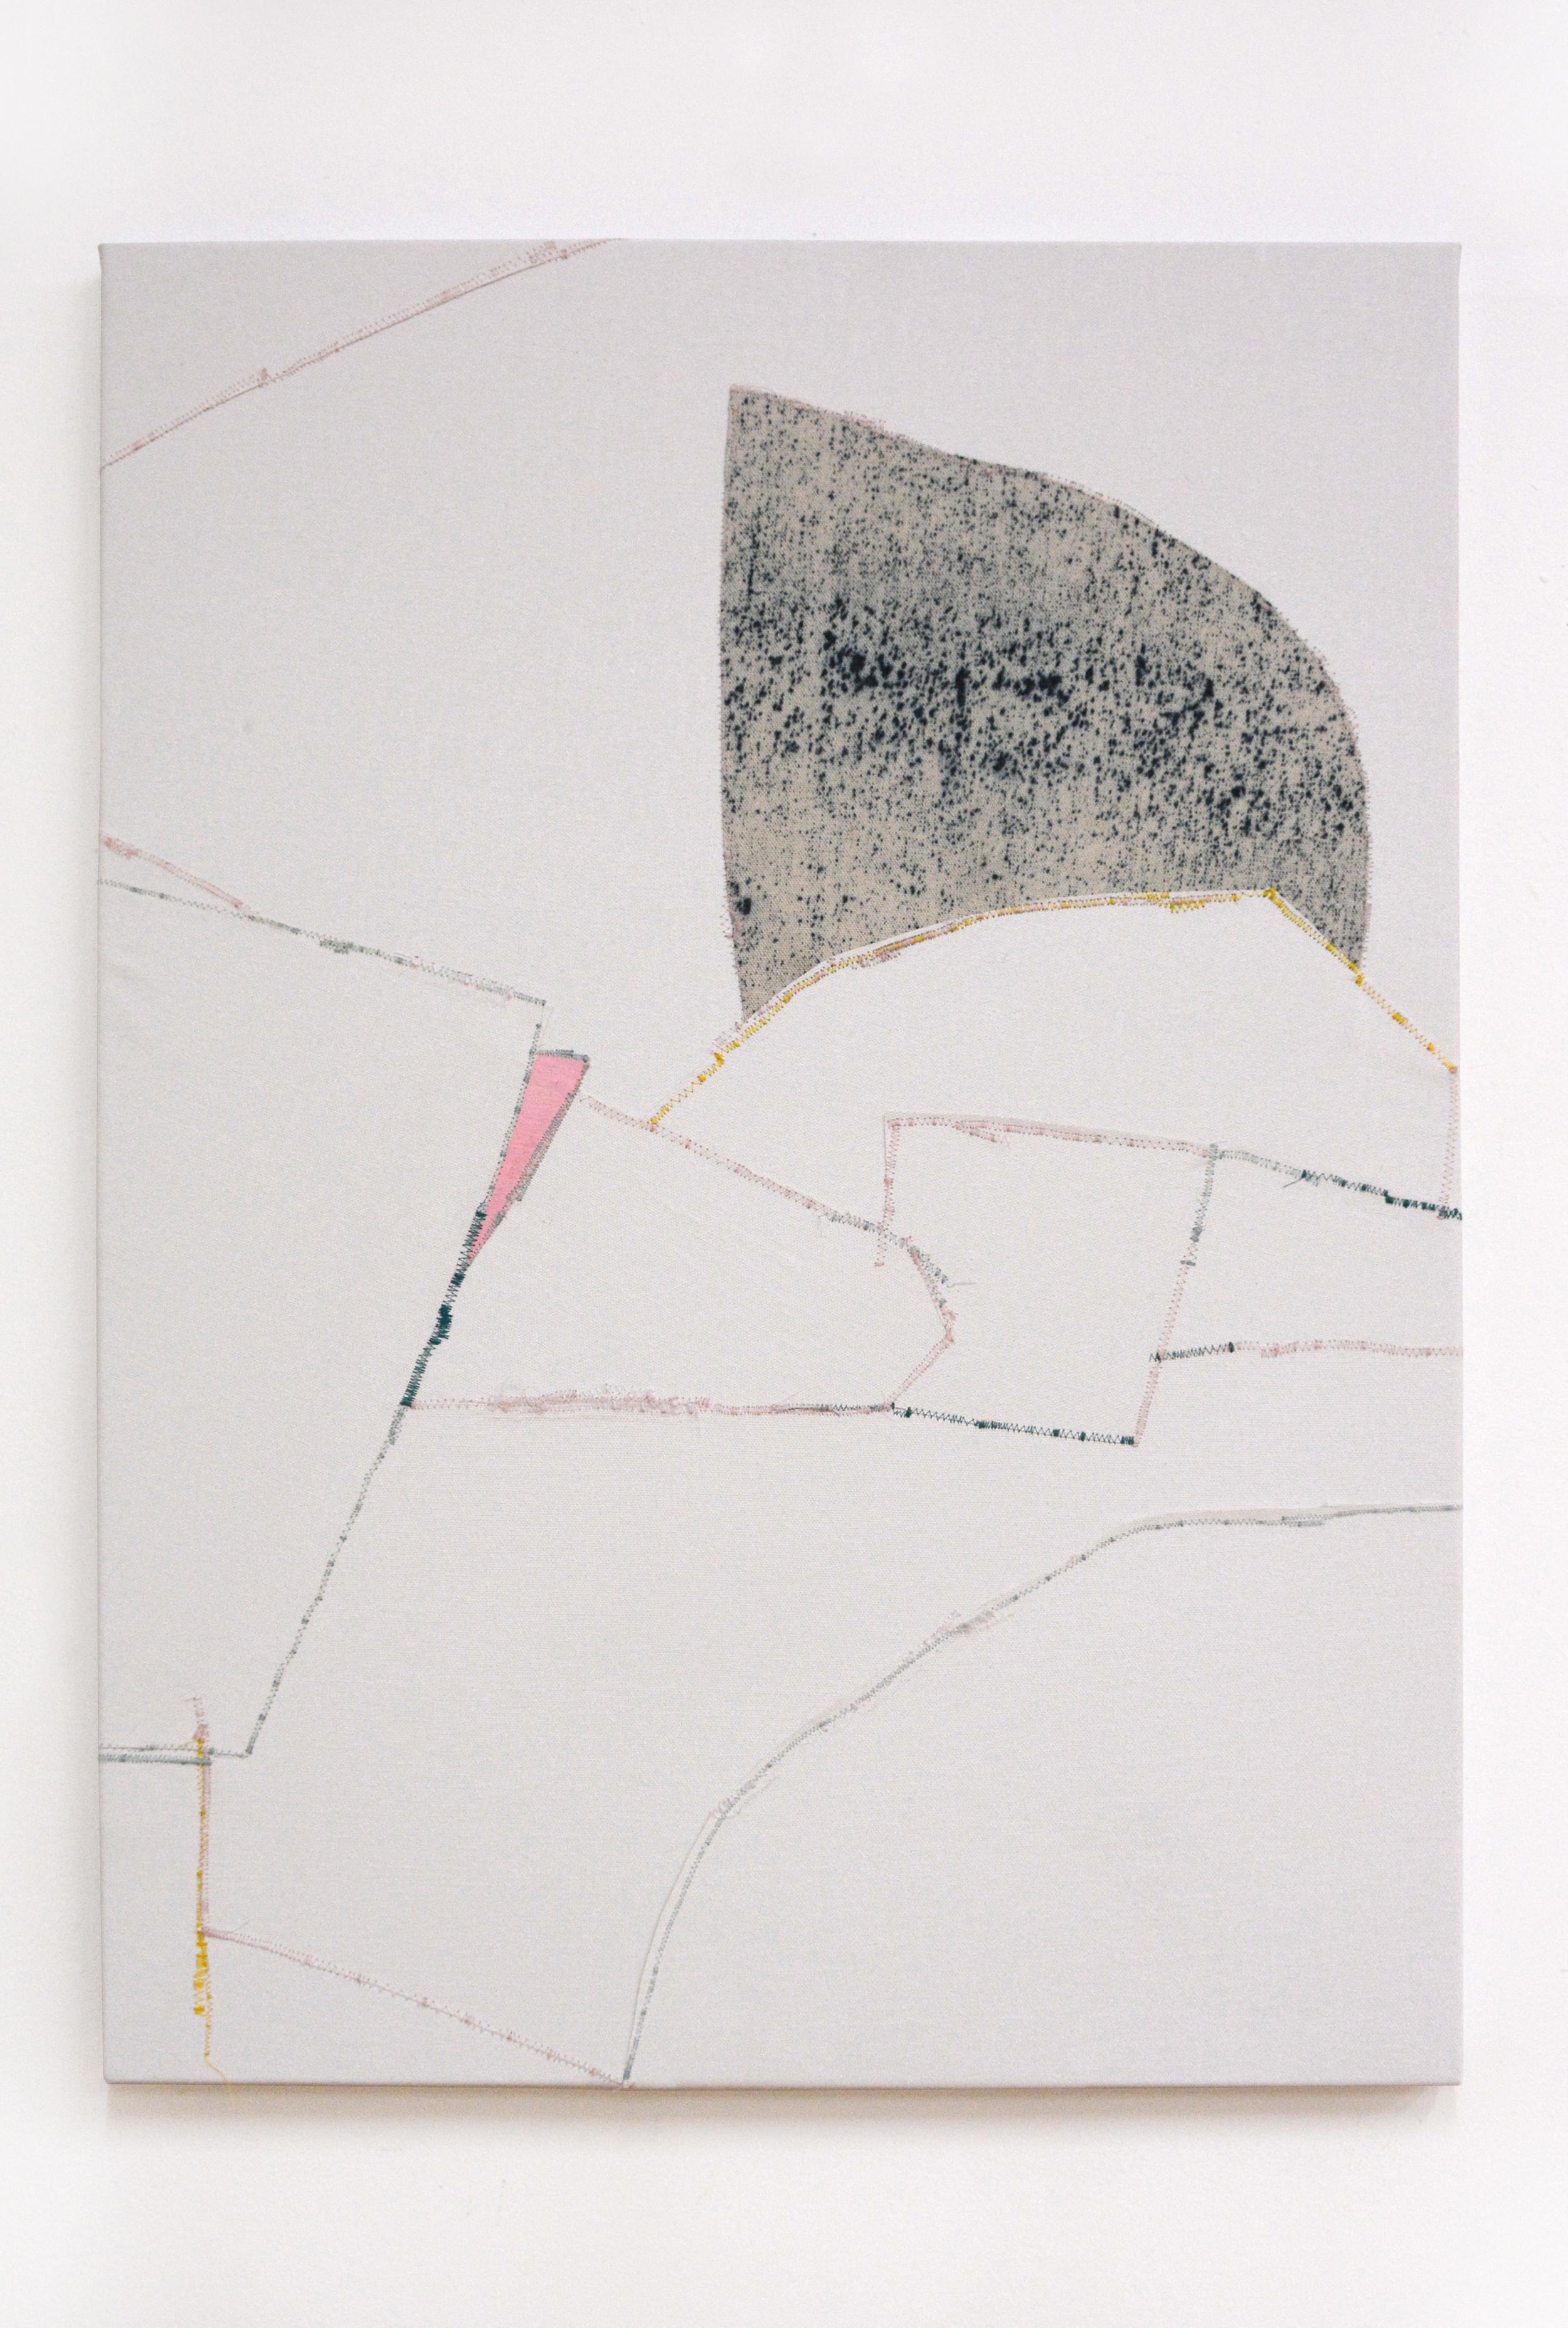 Tumble  , oil and thread on canvas, 56 x 76 cm, 2016  .